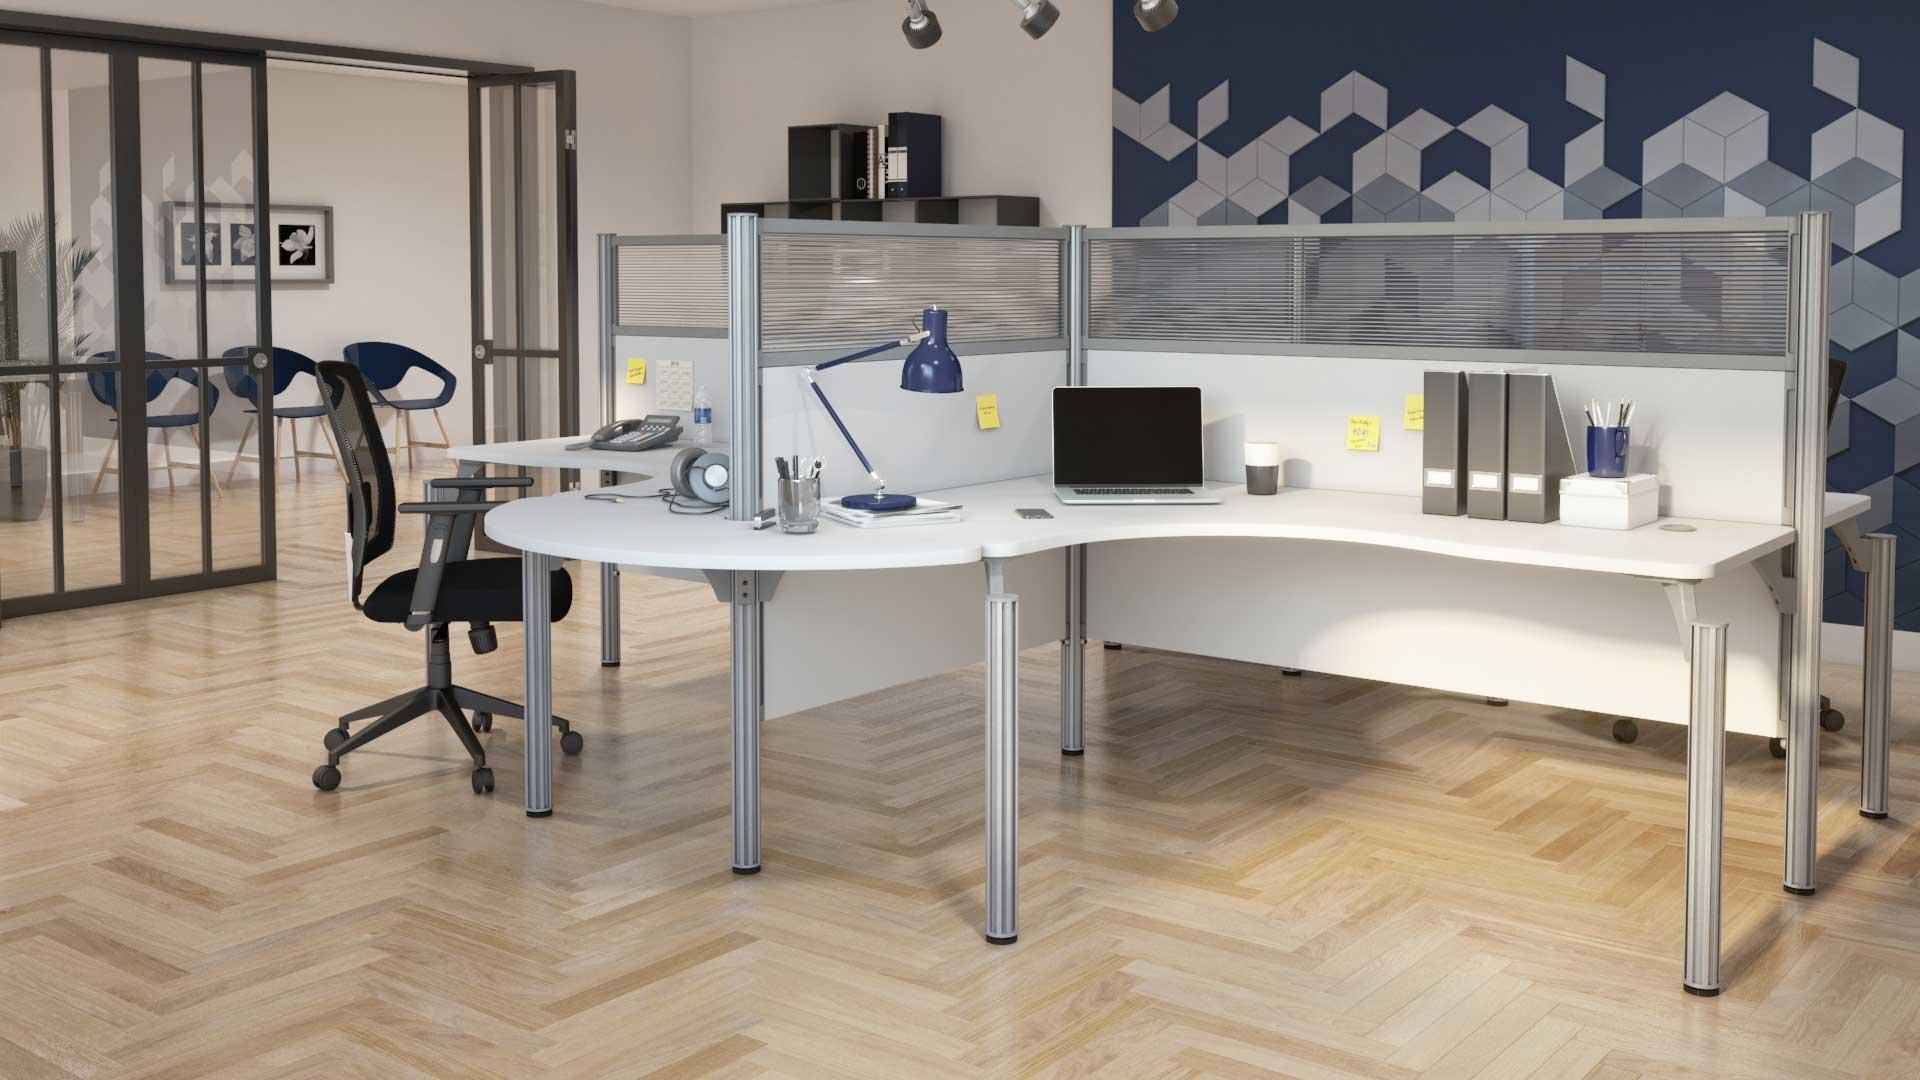 Office quiet zones